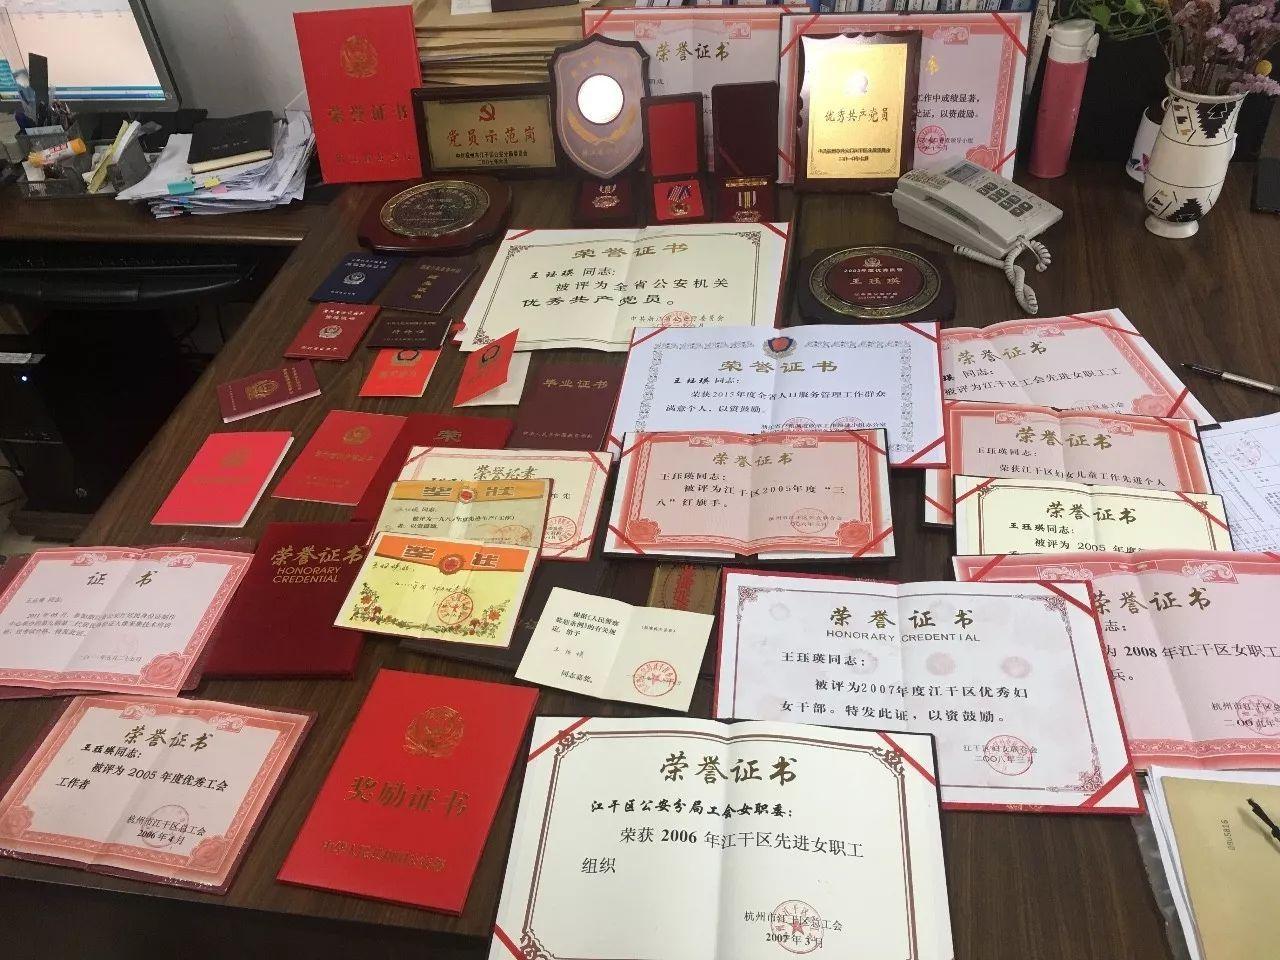 王珏瑛办公室的书橱中,摆放着一摞摞的奖状,嘉奖证书,还有各种奖杯和图片